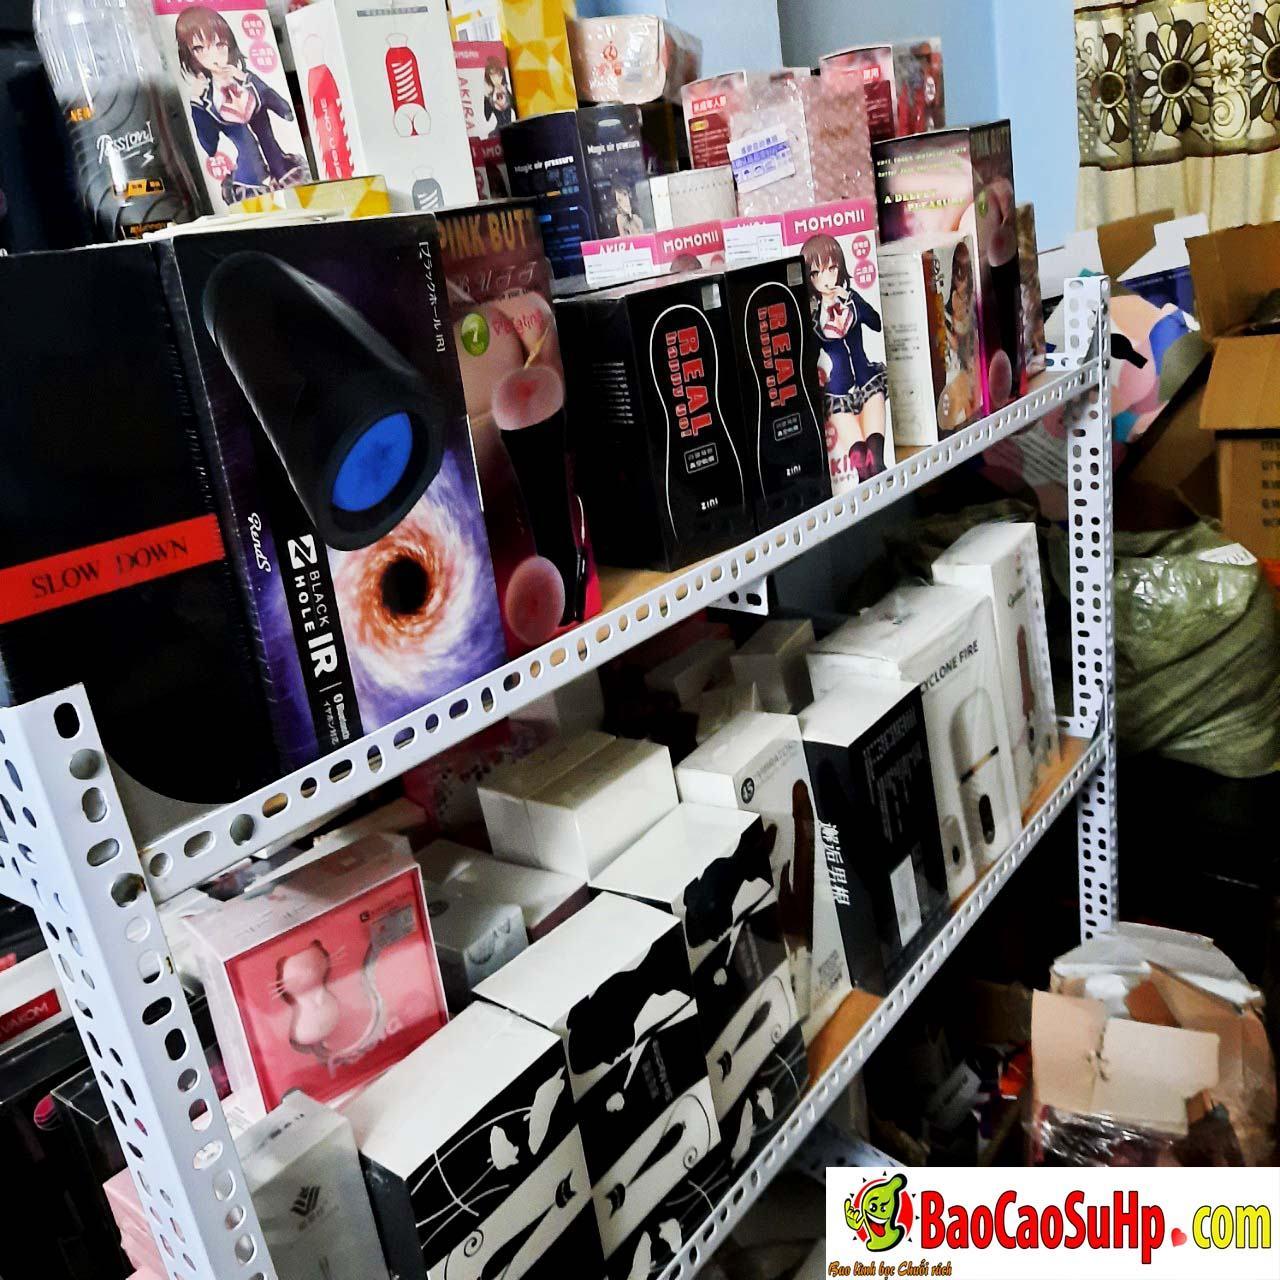 shop baocaosuhp hai phong 1 - Shop âm đạo giả tại hồ chí minh